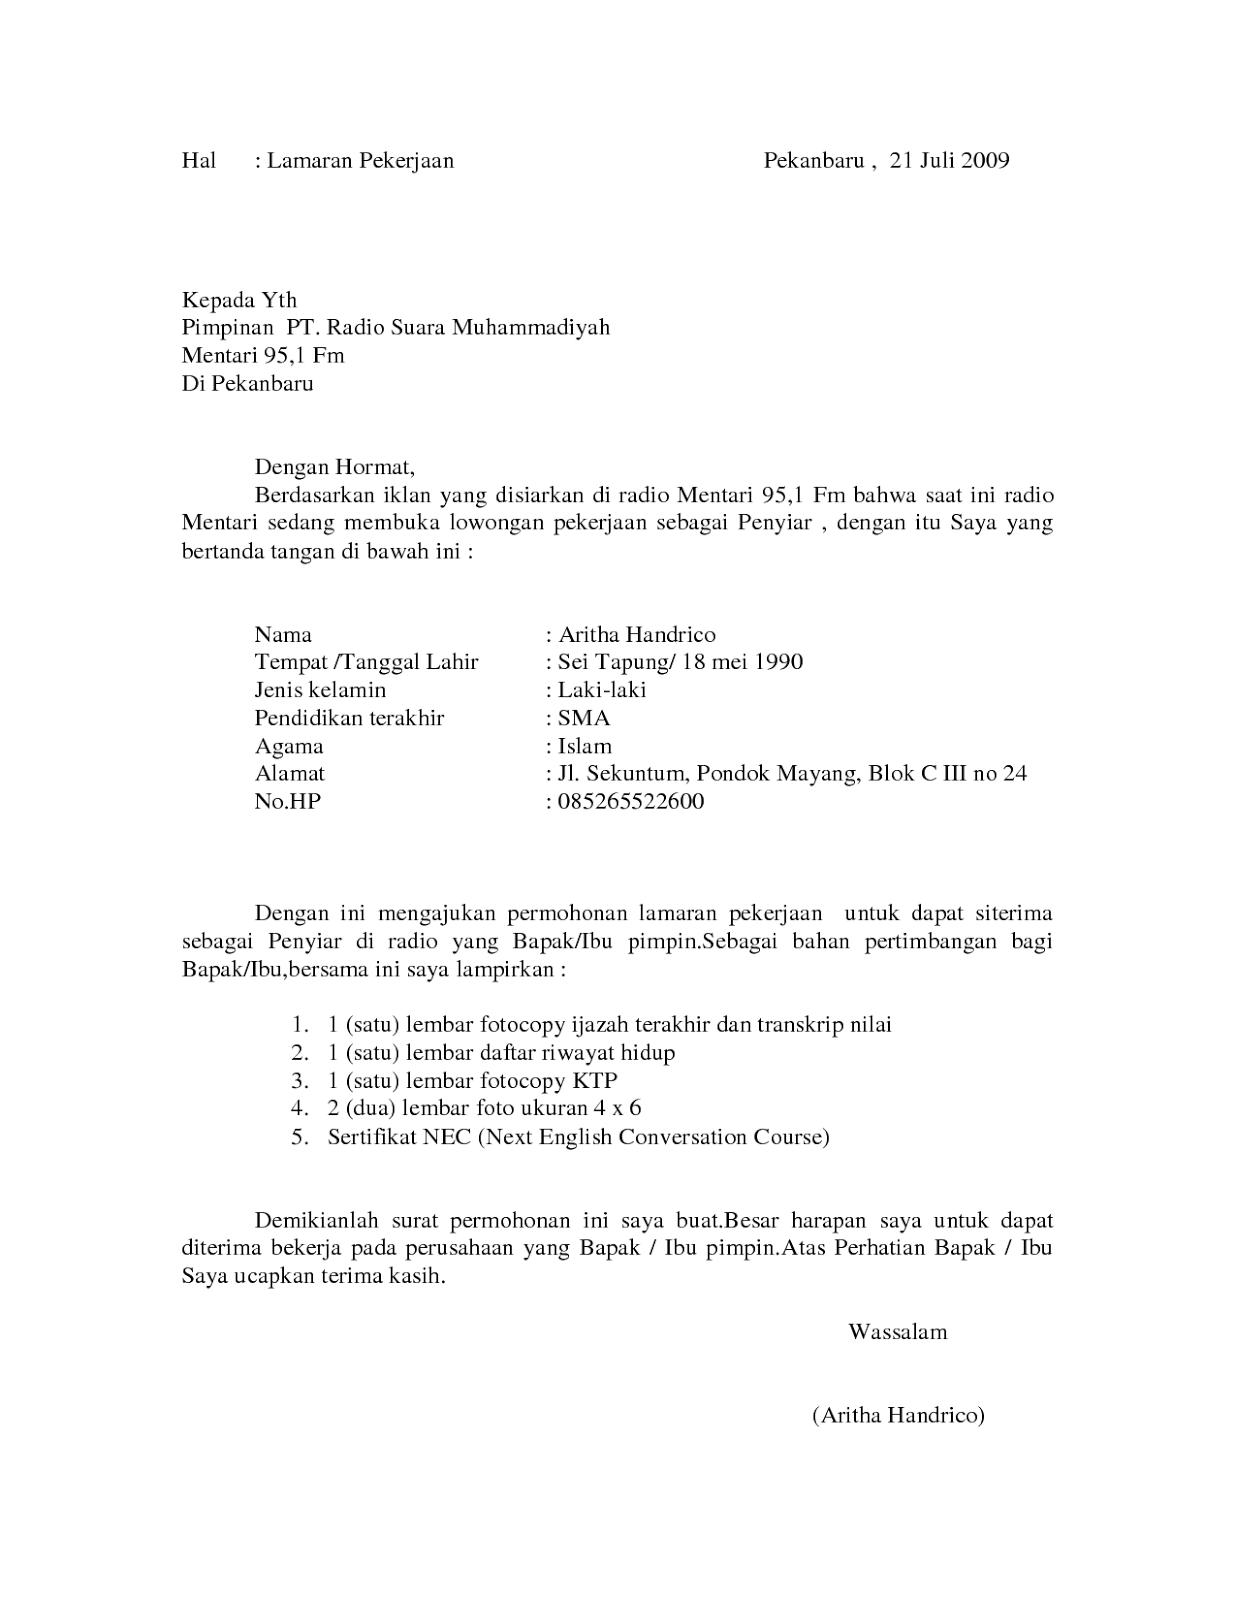 contoh surat lamaran kerja sebagai penyiar radio ben jobs